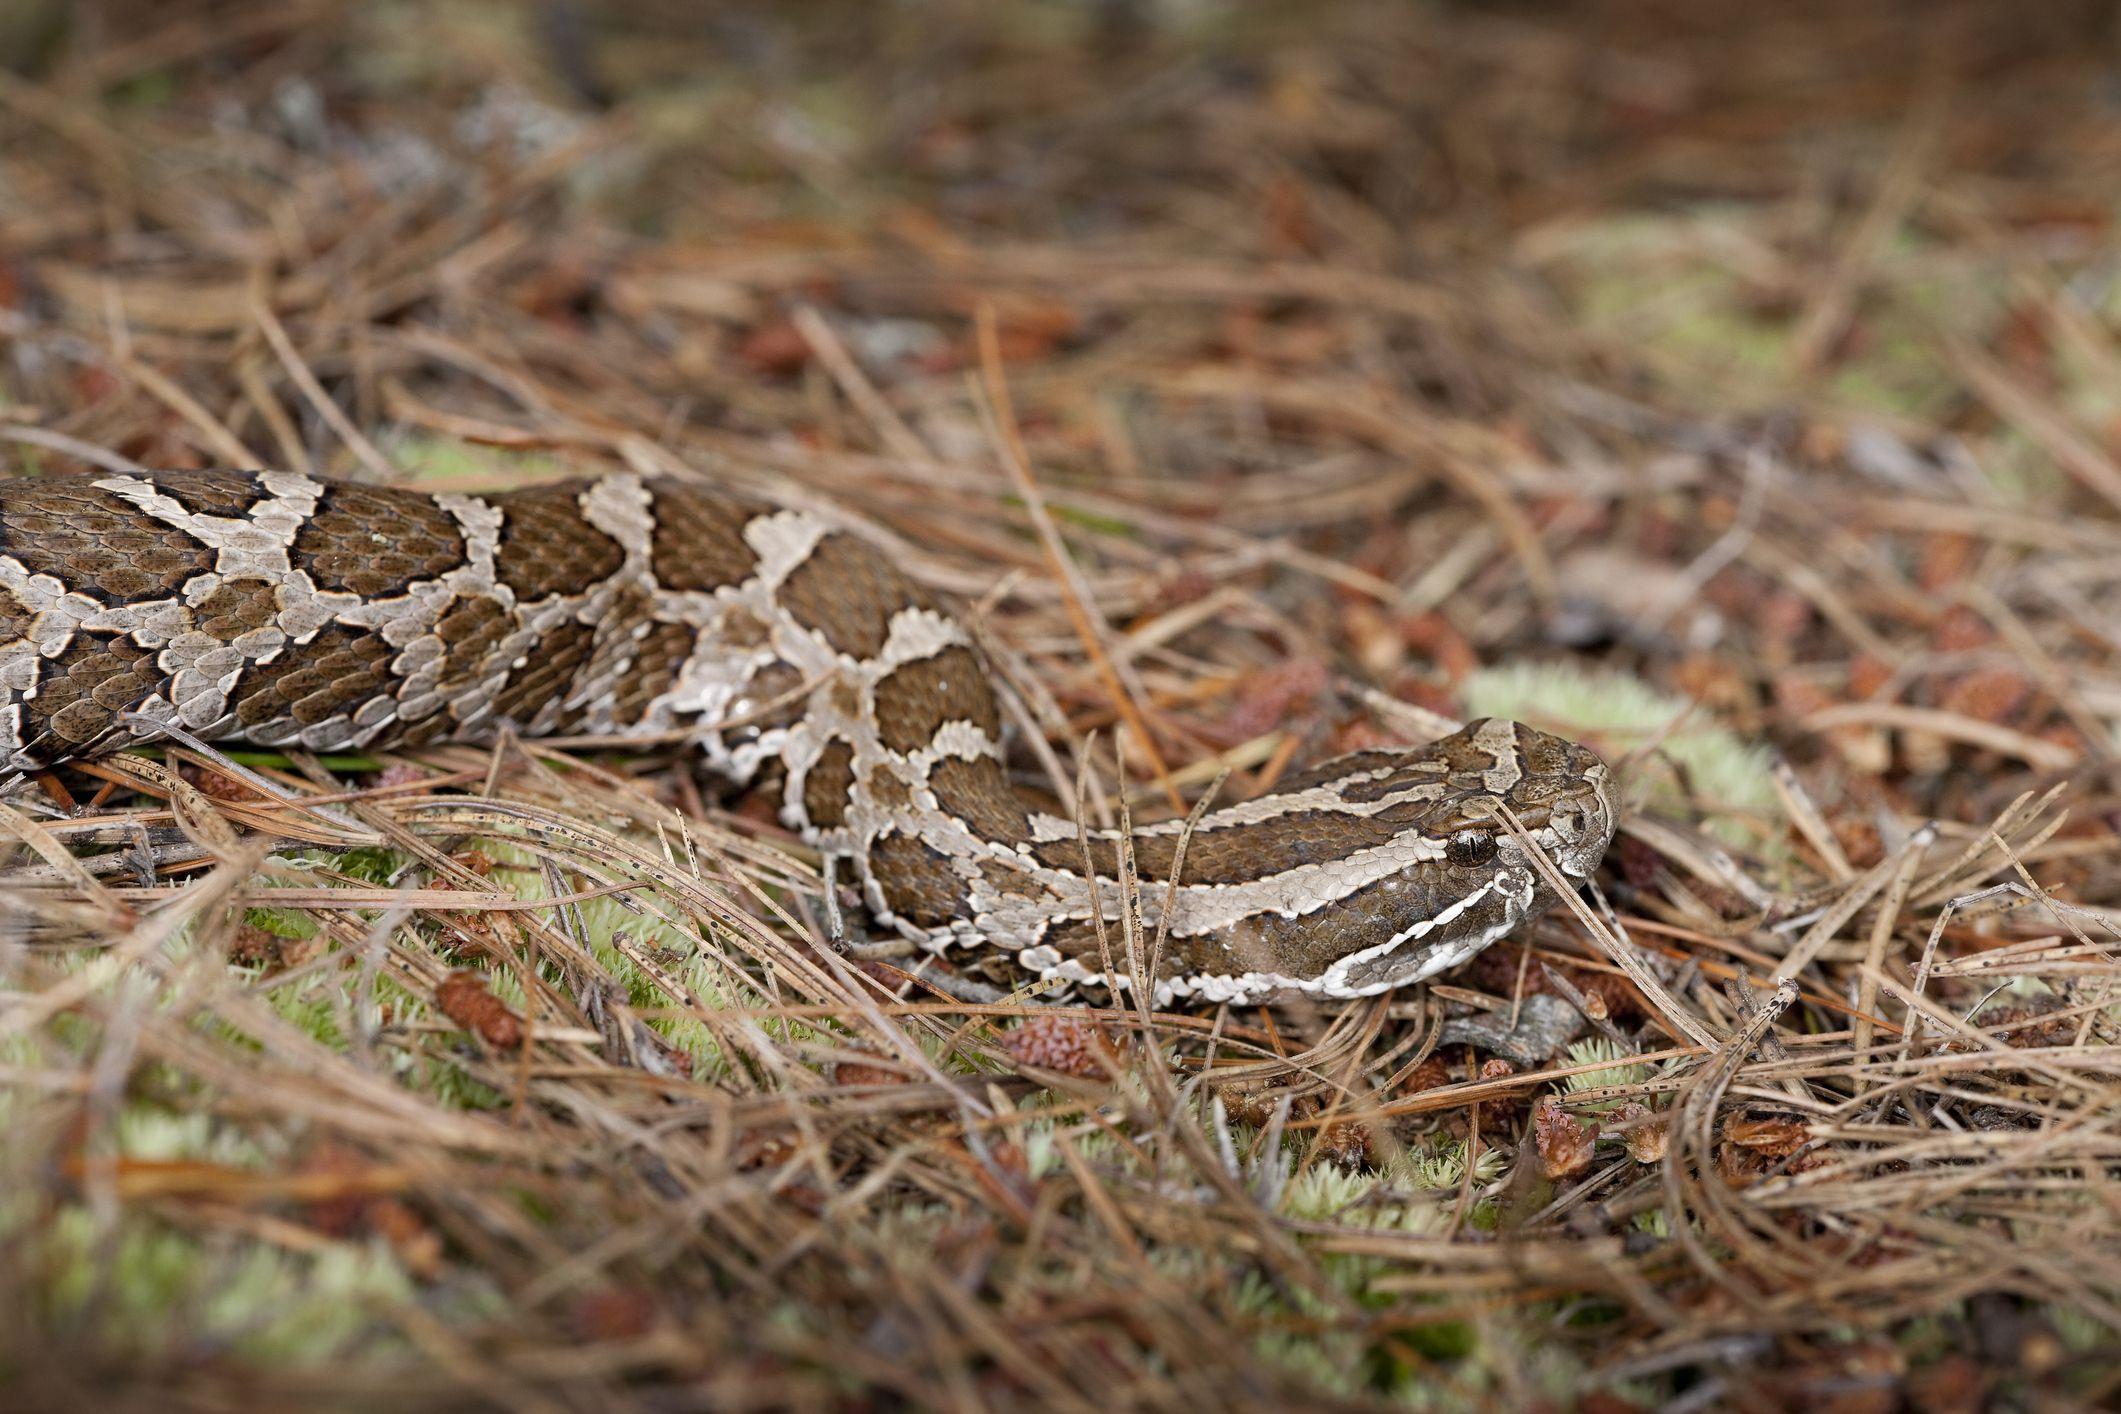 Eastern Massasauga Rattlesnake in Michigan